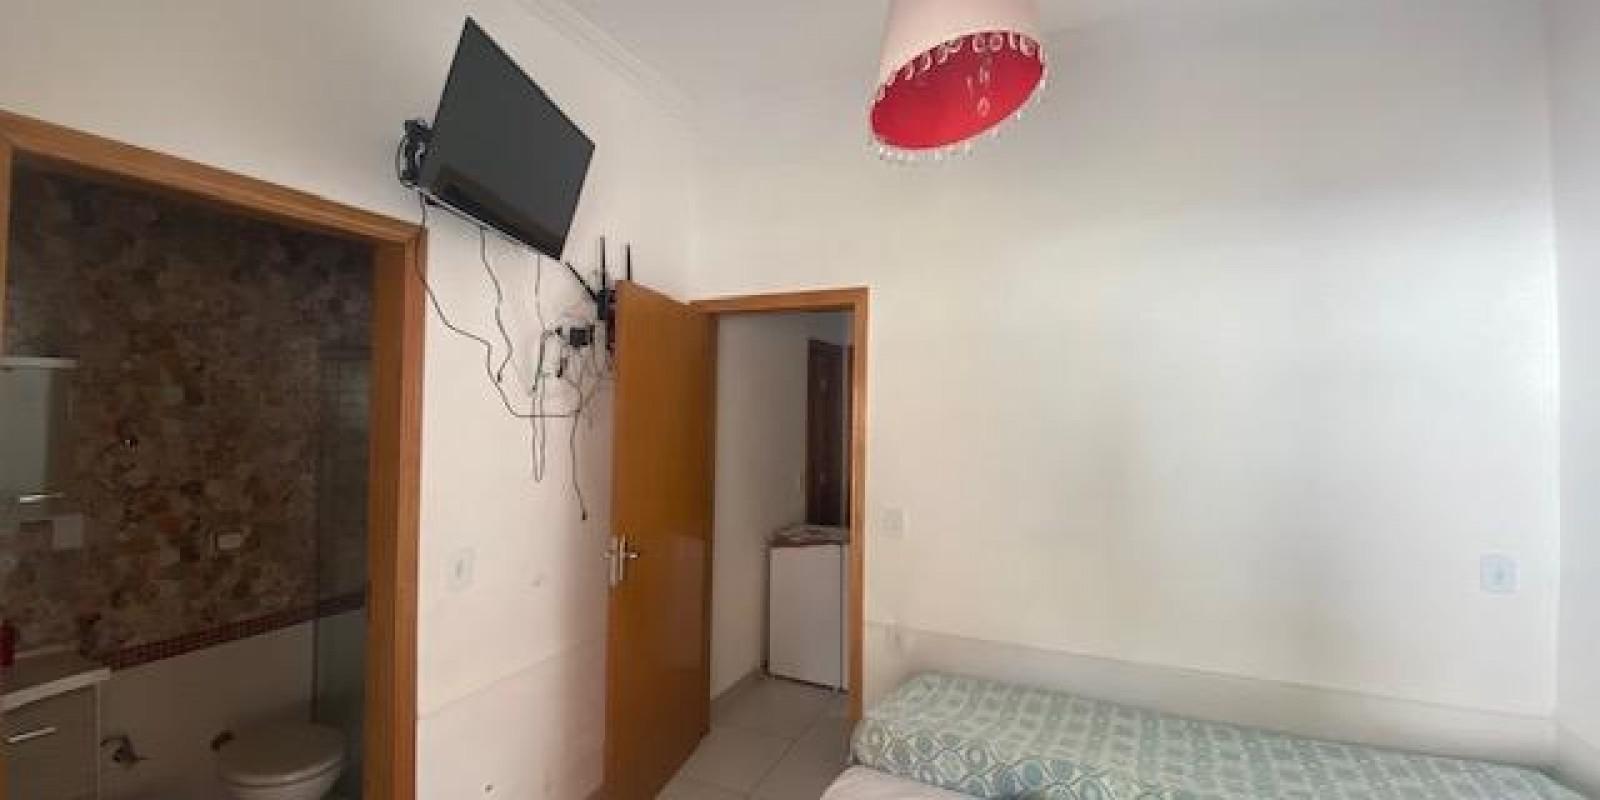 Casa na Represa no Condomínio Chale da Prainha em Avaré SP  - Foto 6 de 20